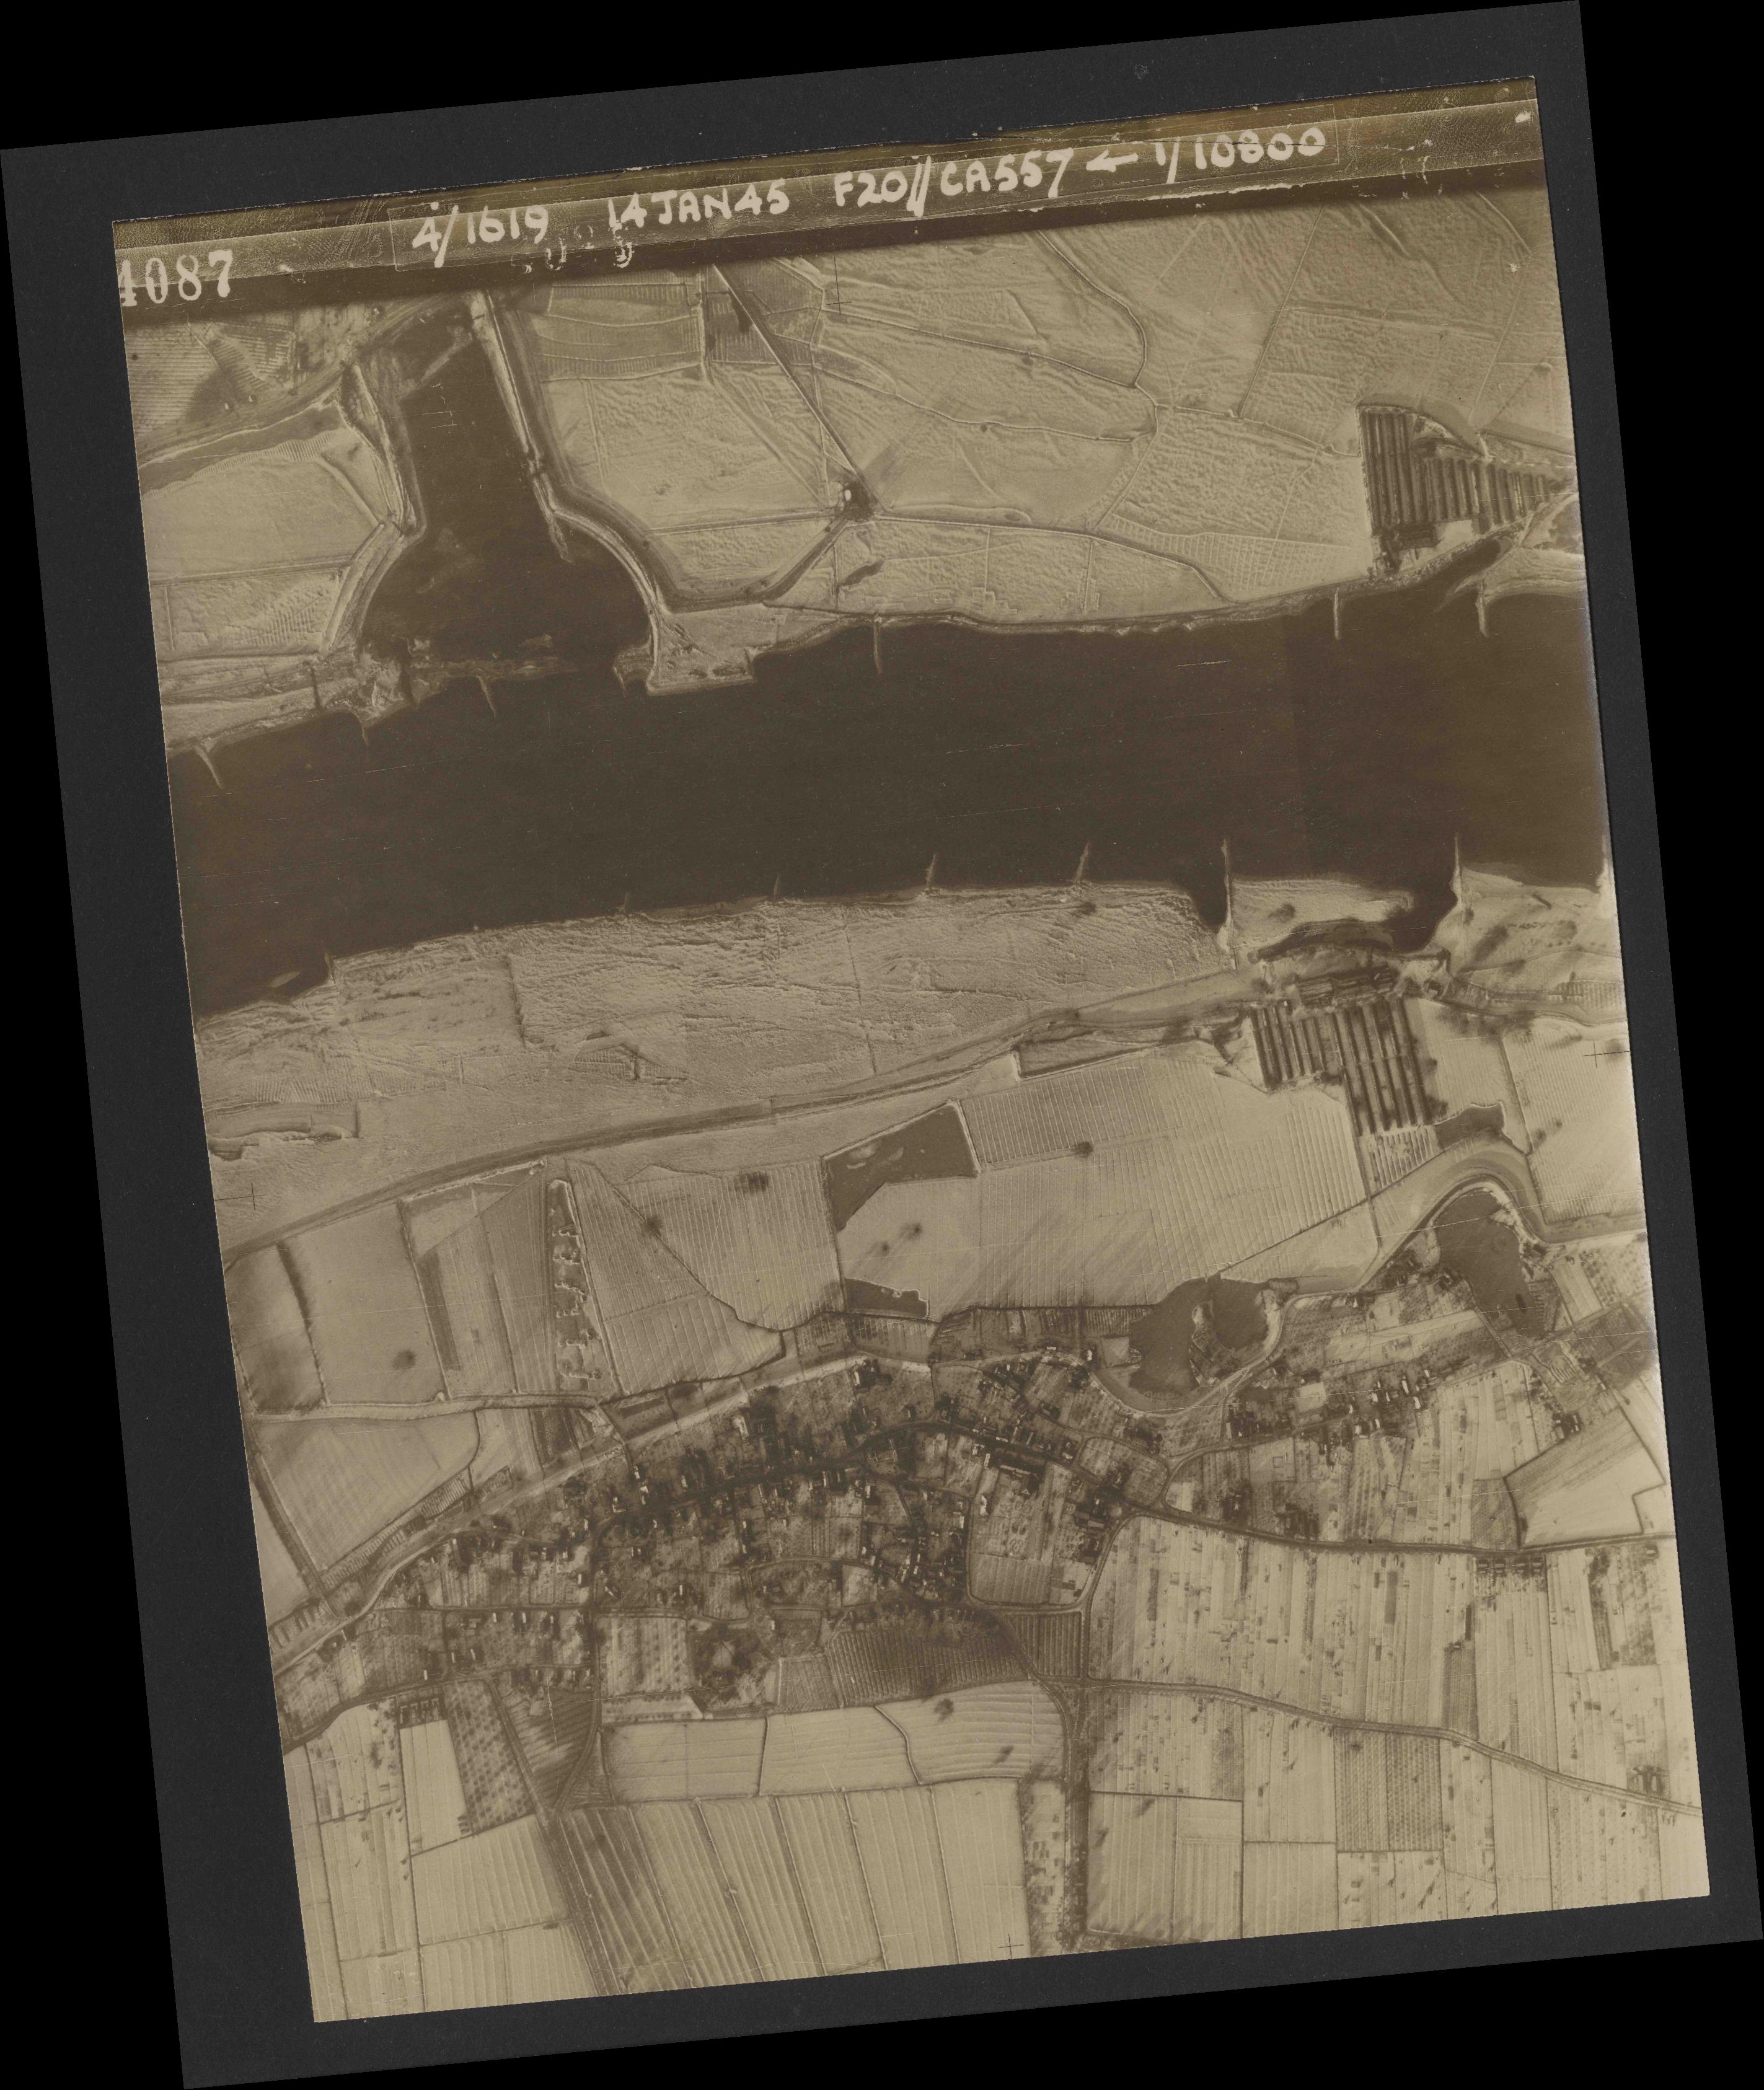 Collection RAF aerial photos 1940-1945 - flight 291, run 02, photo 4087